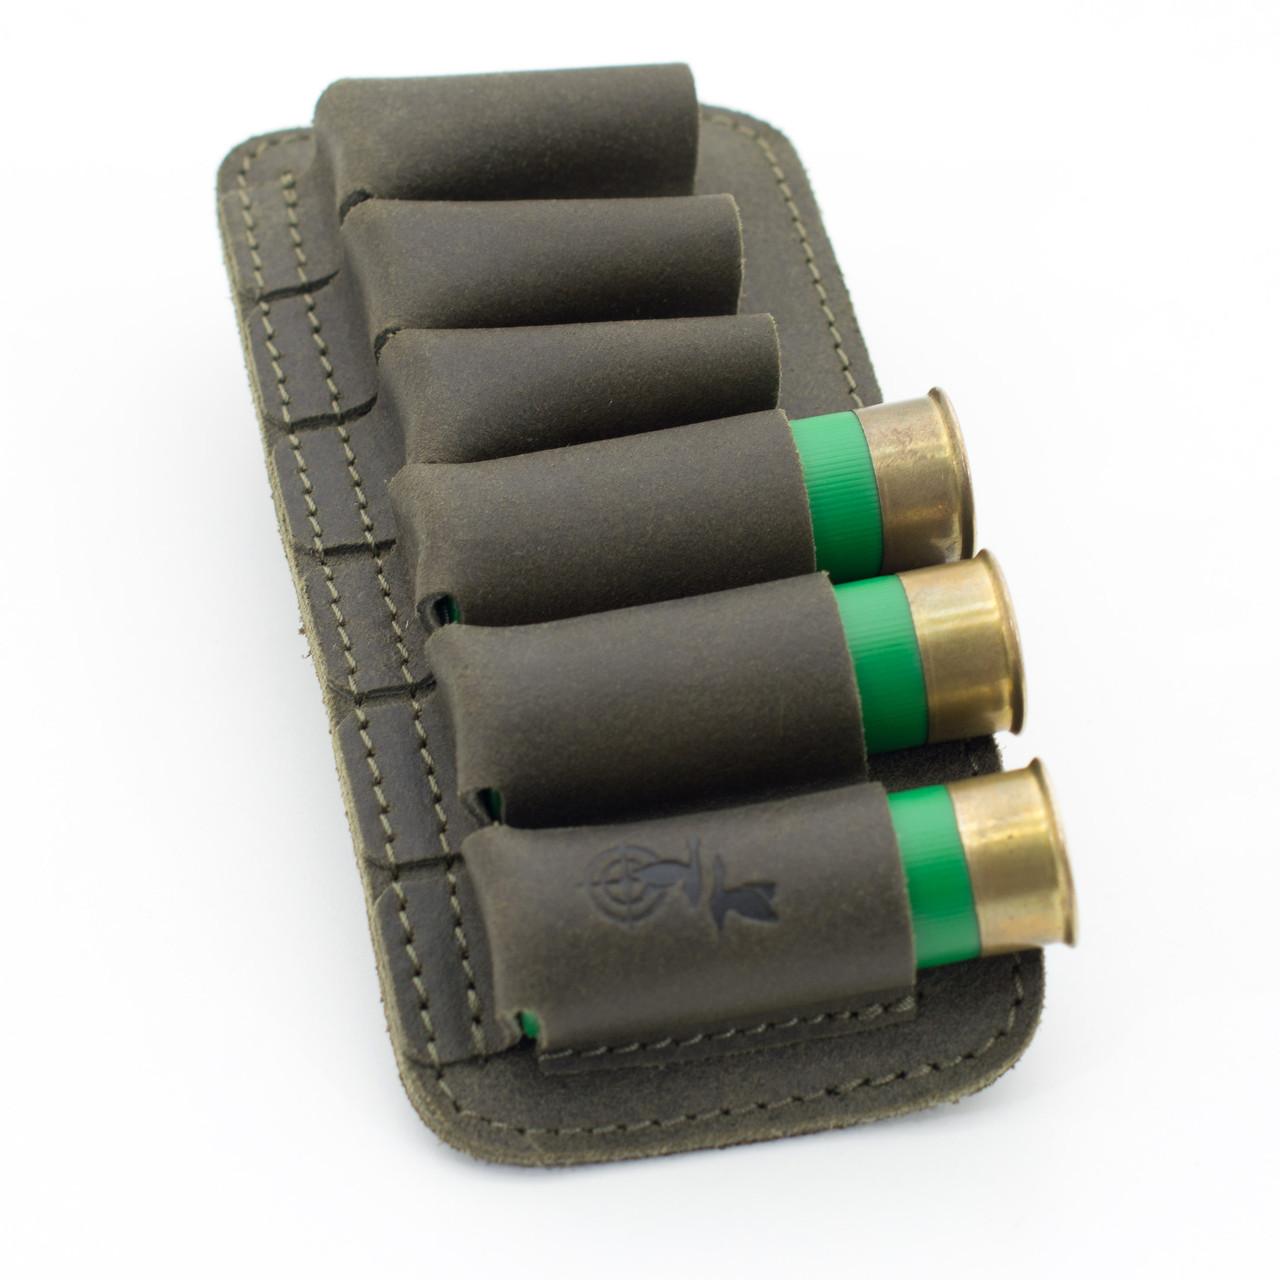 Подсумок на 6 патронов открытый кожа - Ретро оливковый 10157/3